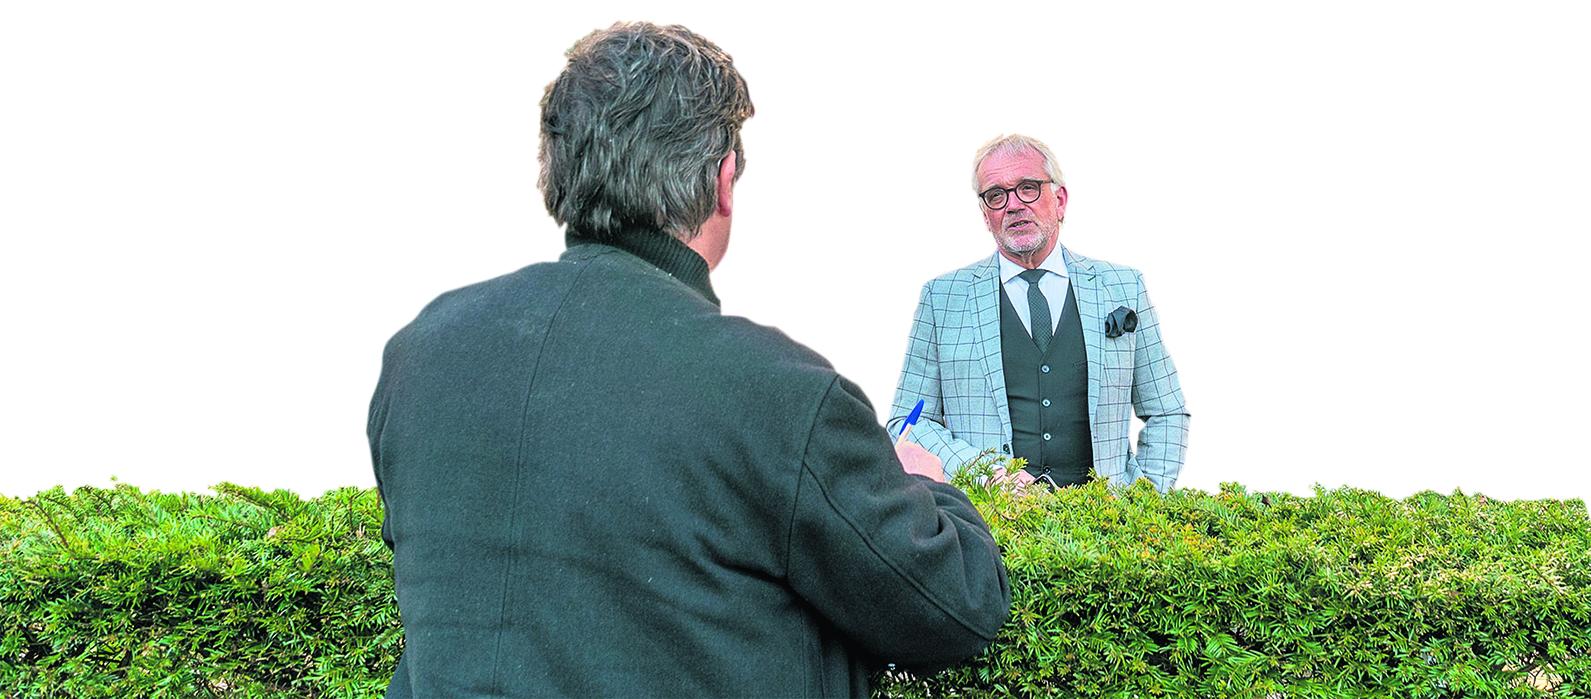 Burgemeester Bruinooge van Alkmaar: 'Die drukte kan echt niet langer, ik moet toch geen winkelstraten hoeven afsluiten?'